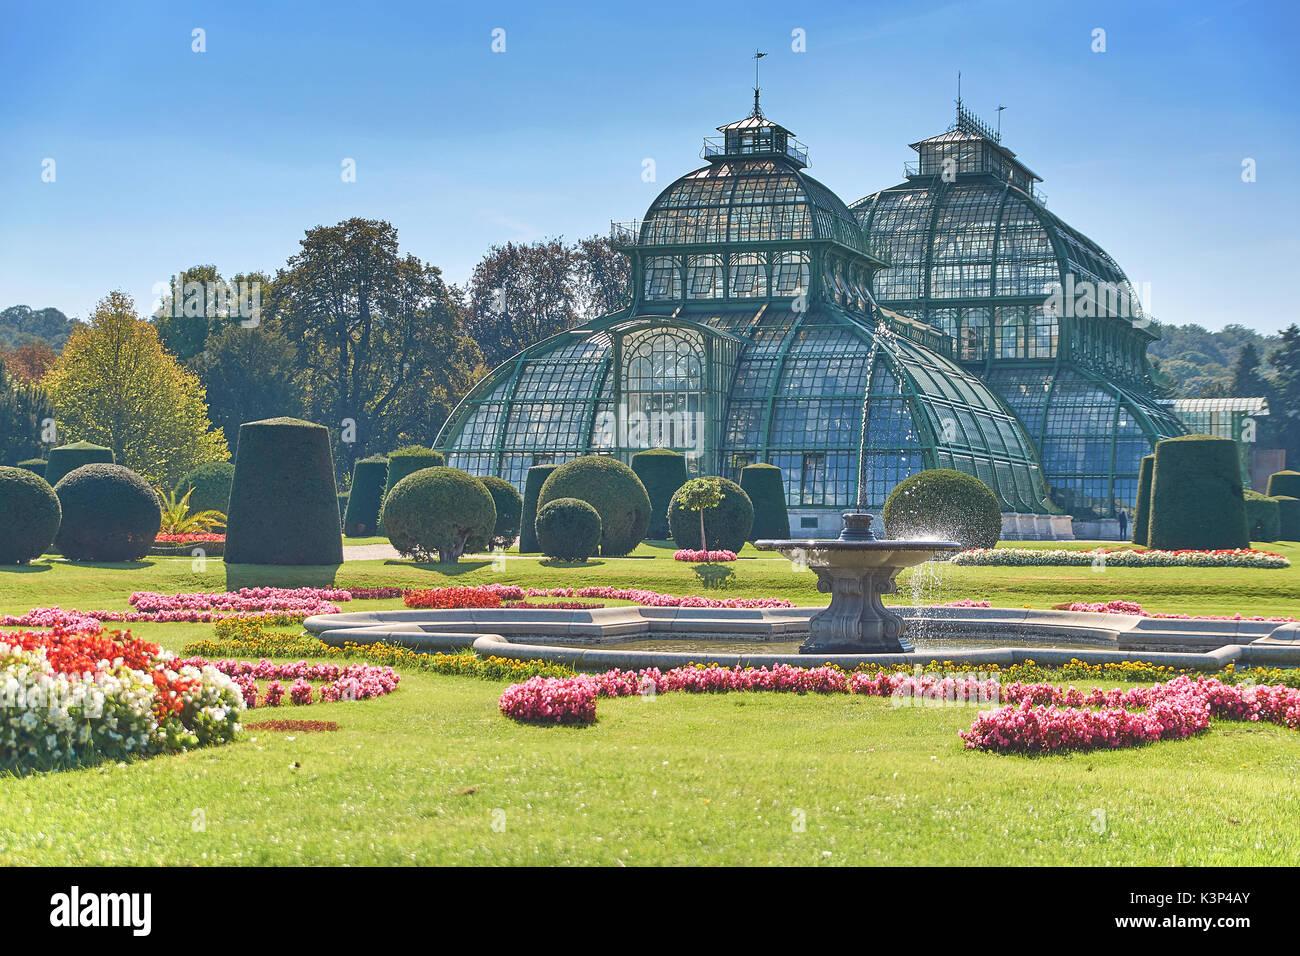 Viena, Austria - Septiembre 24, 2014: jardín botánico cerca al palacio de Schonbrunn en Viena Imagen De Stock